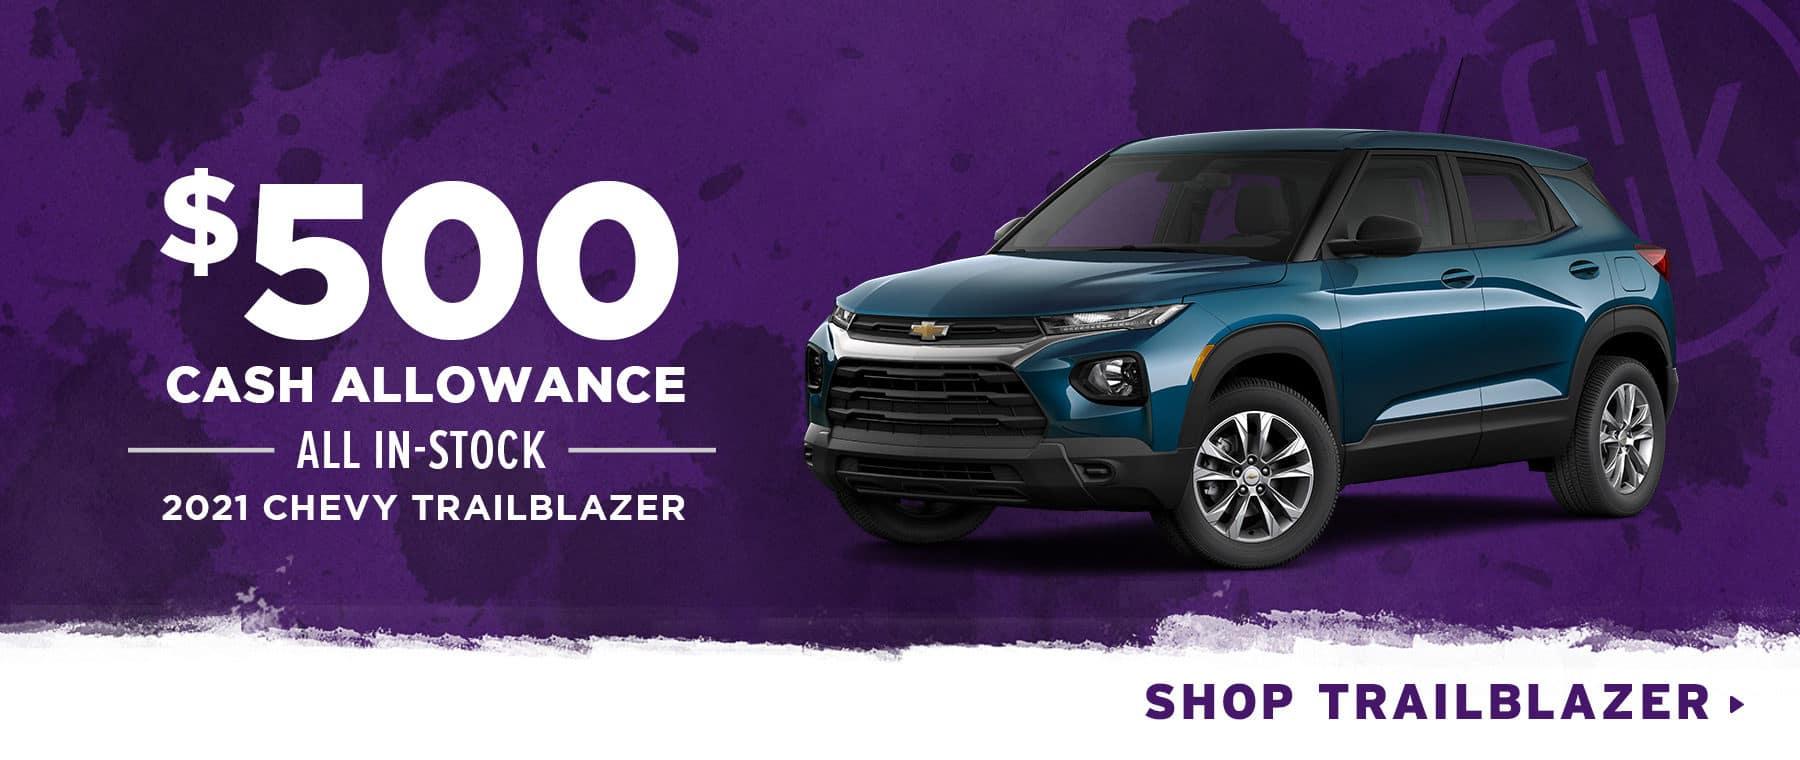 $500 Cash Allowance All In-Stock 2021 Chevy Trailblazer